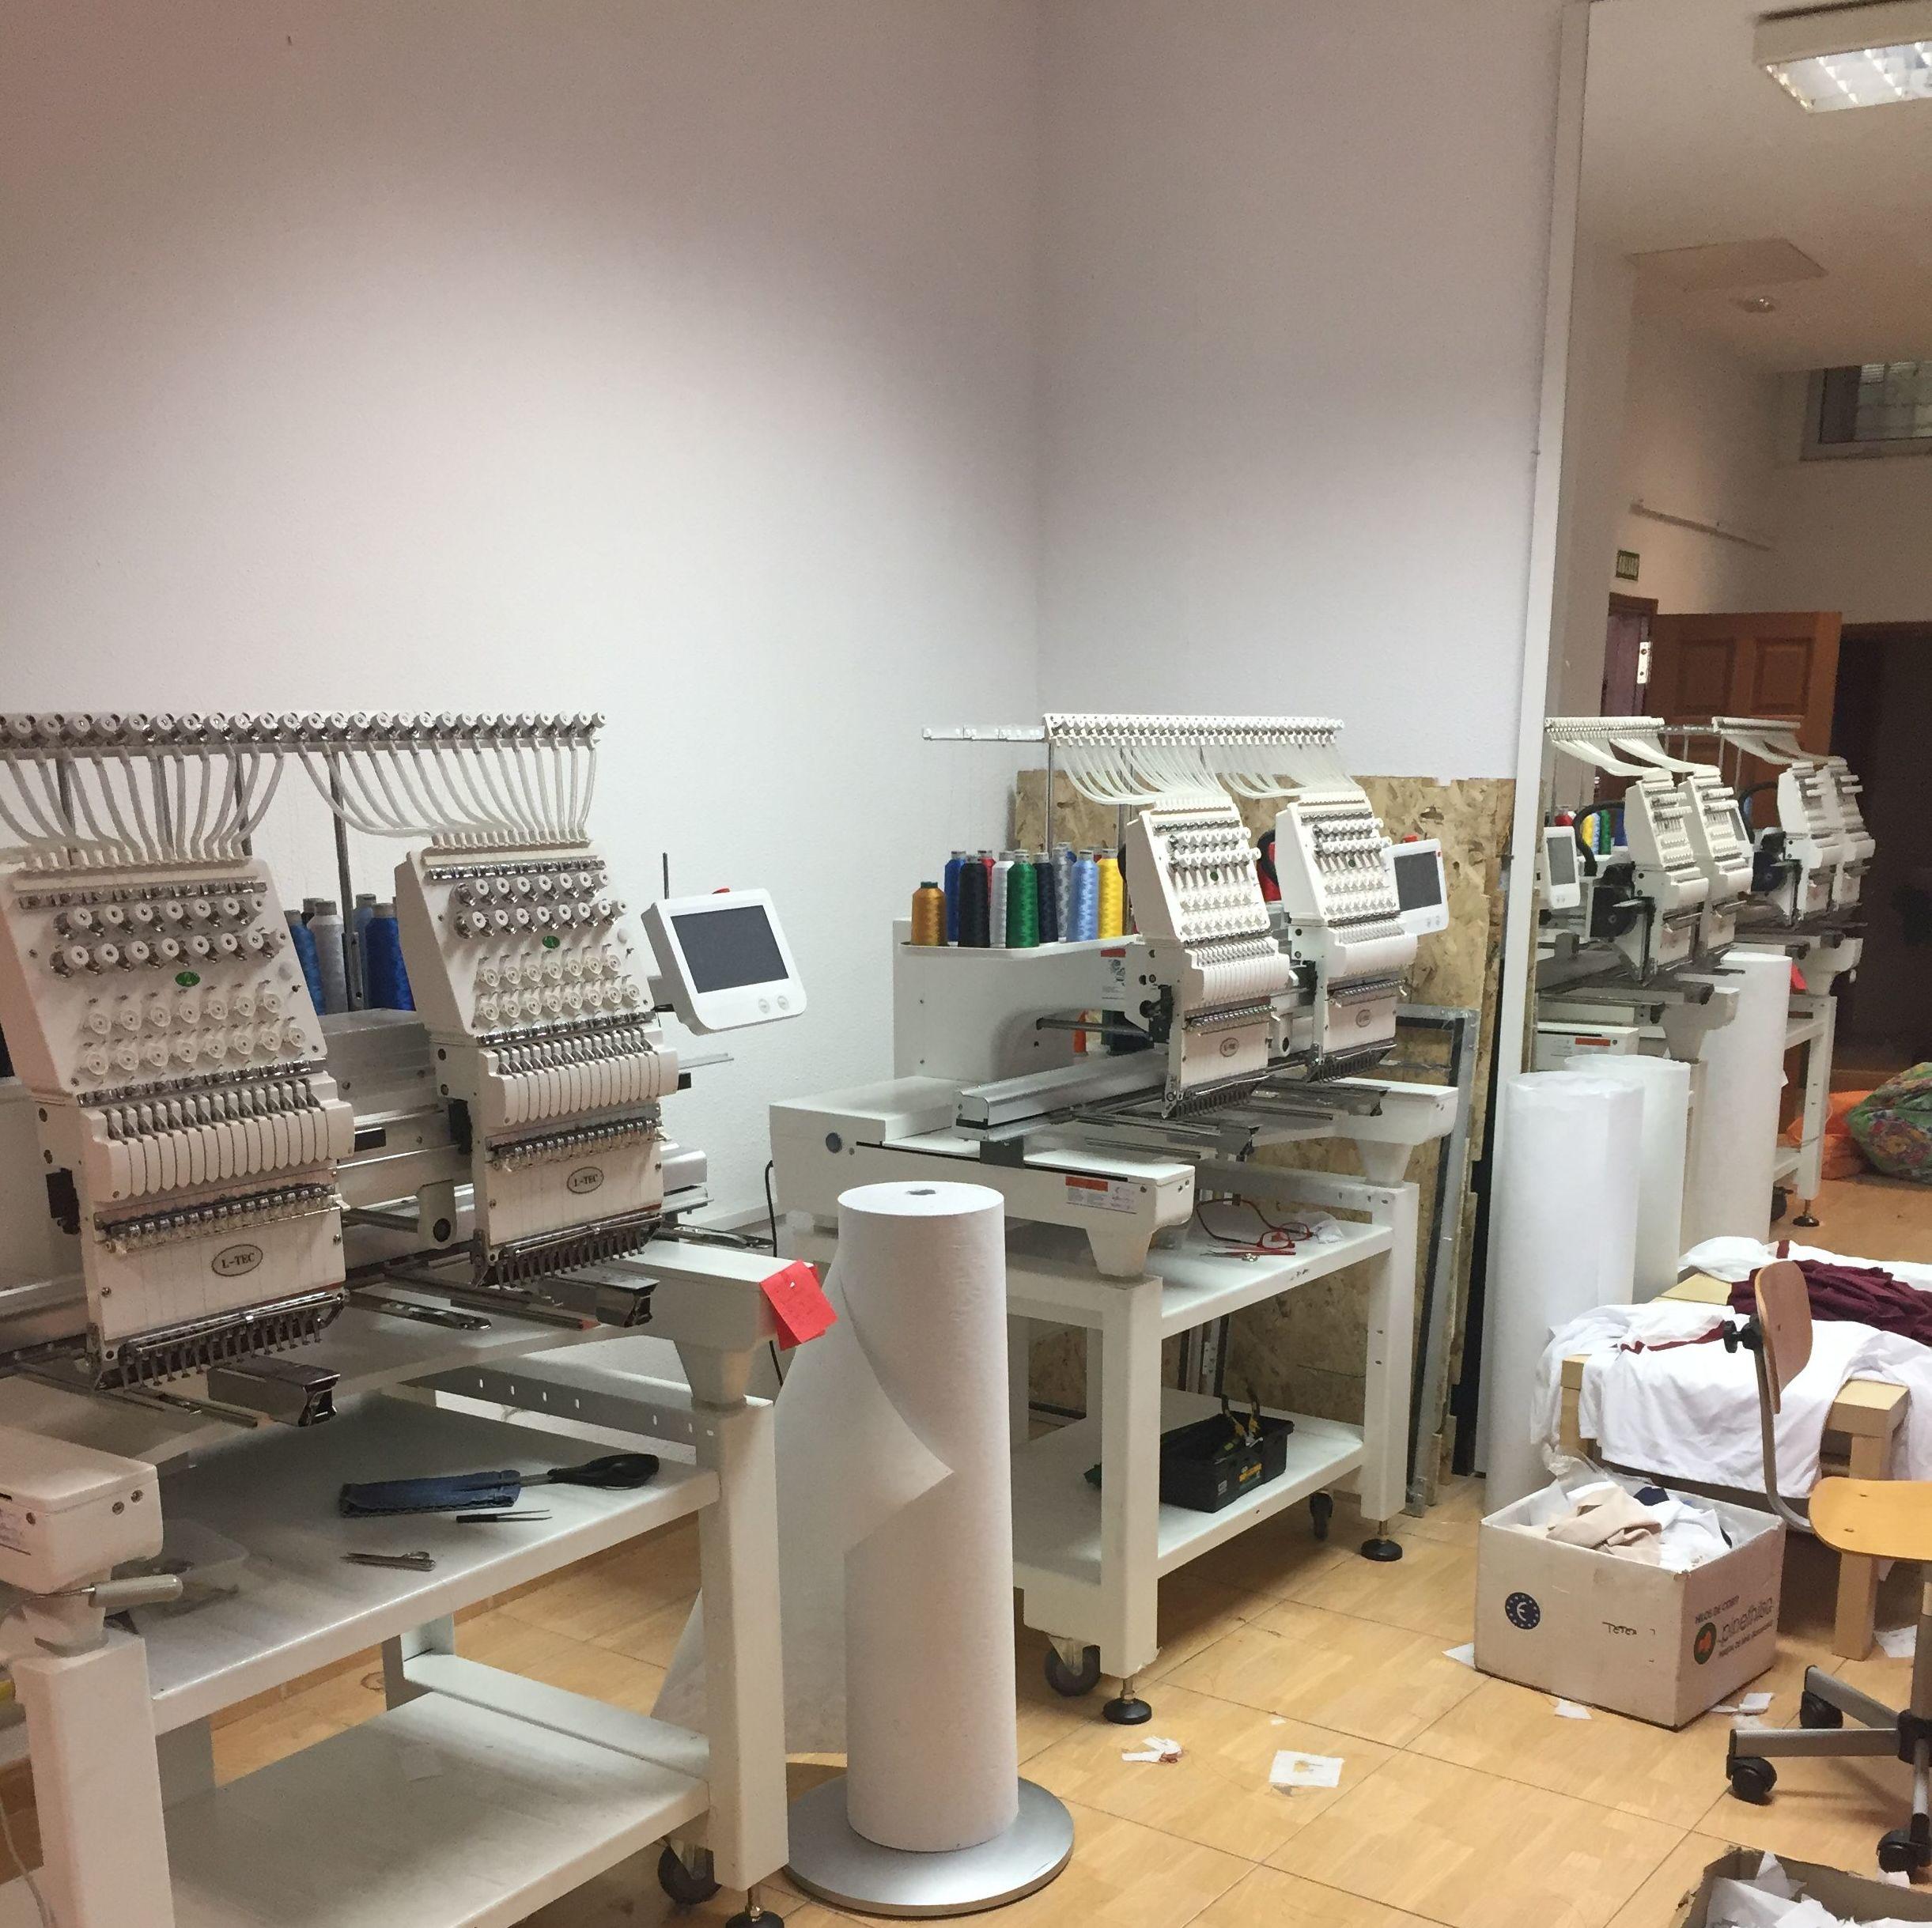 Foto 28 de Máquinas de coser en Santa Cruz de Tenerife | Servimaq Canarias